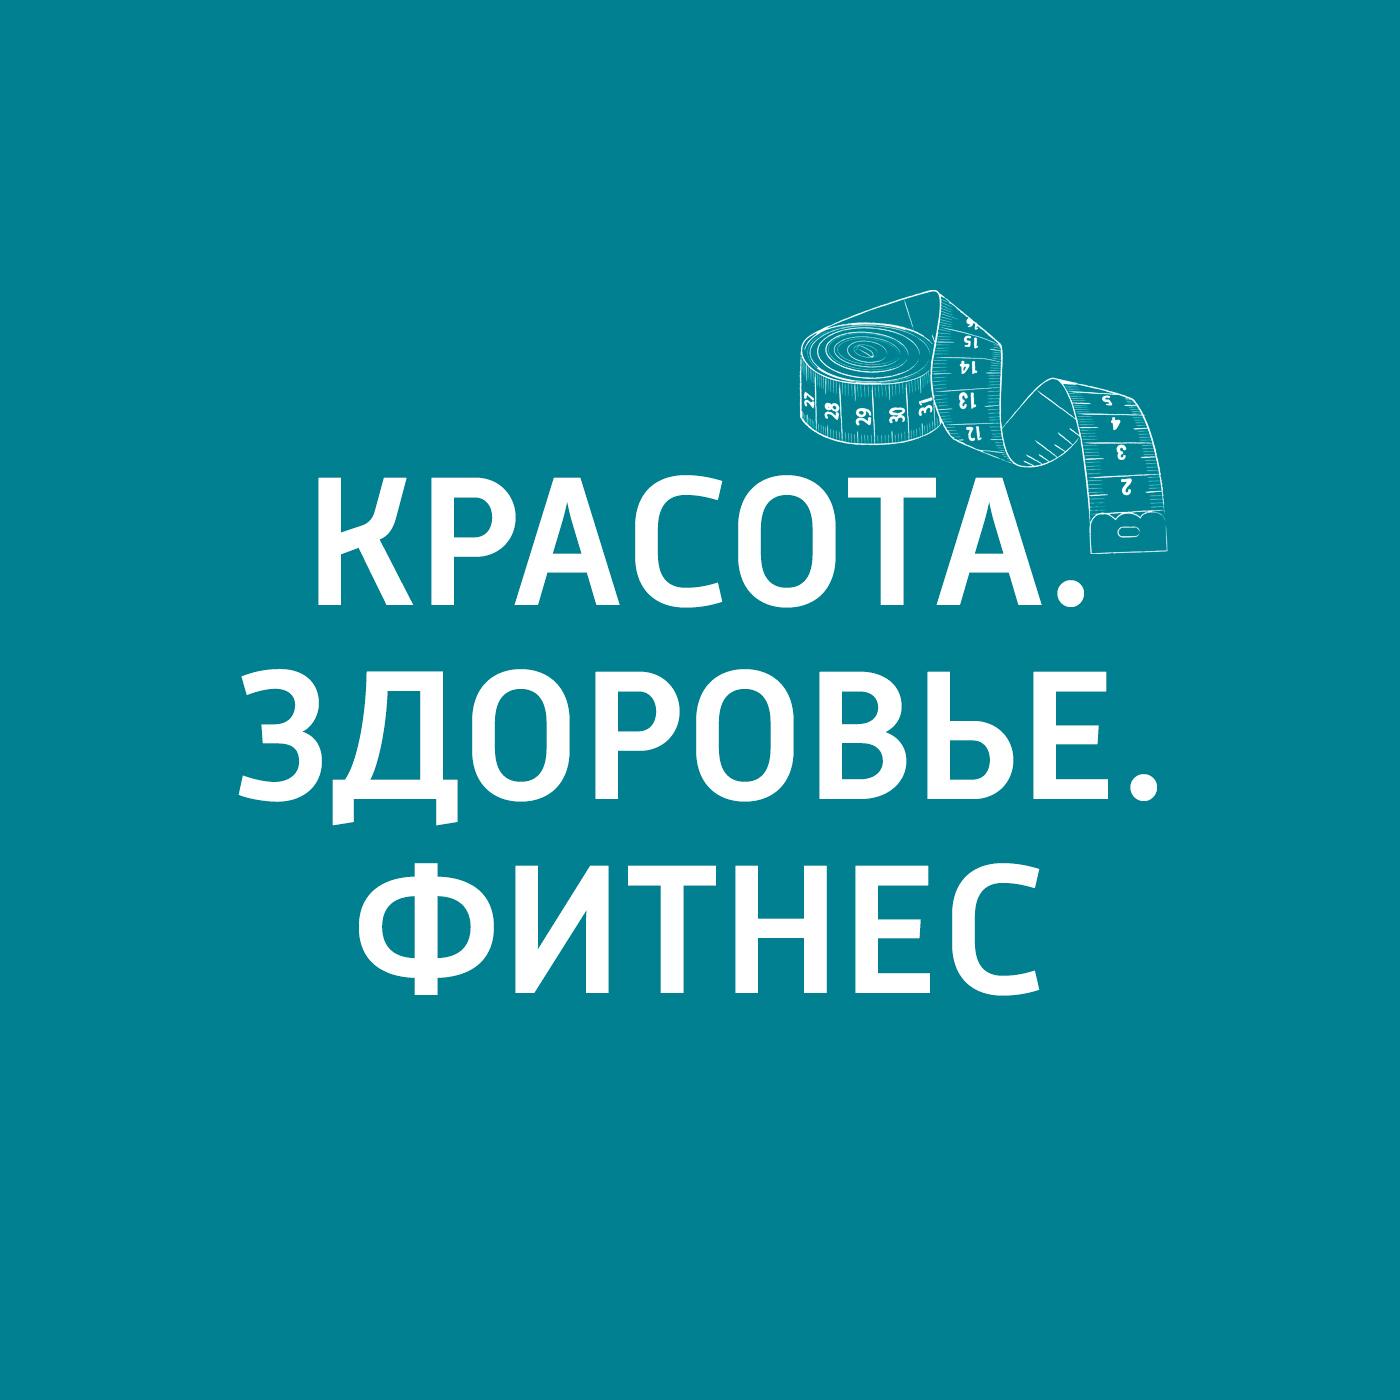 Маргарита Митрофанова Как не стать жертвой манипуляции? маргарита митрофанова как не стать жертвой манипуляции